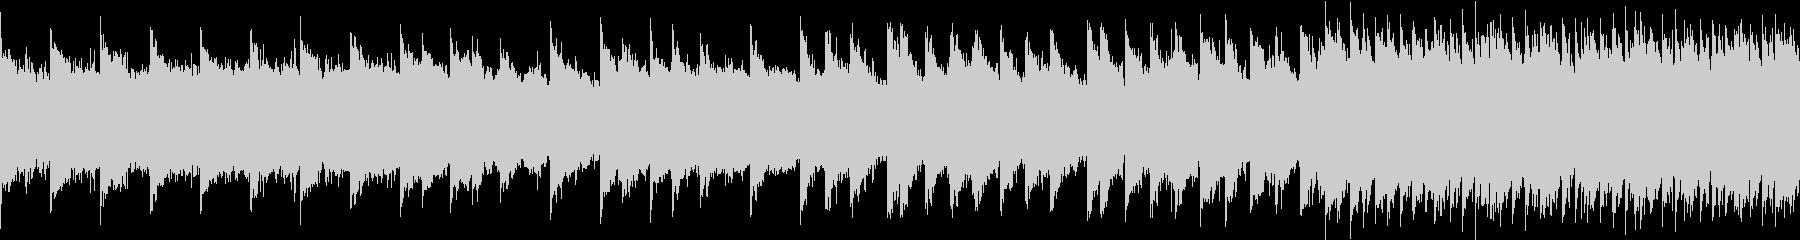 シンセベルとアコギBGM ループの未再生の波形